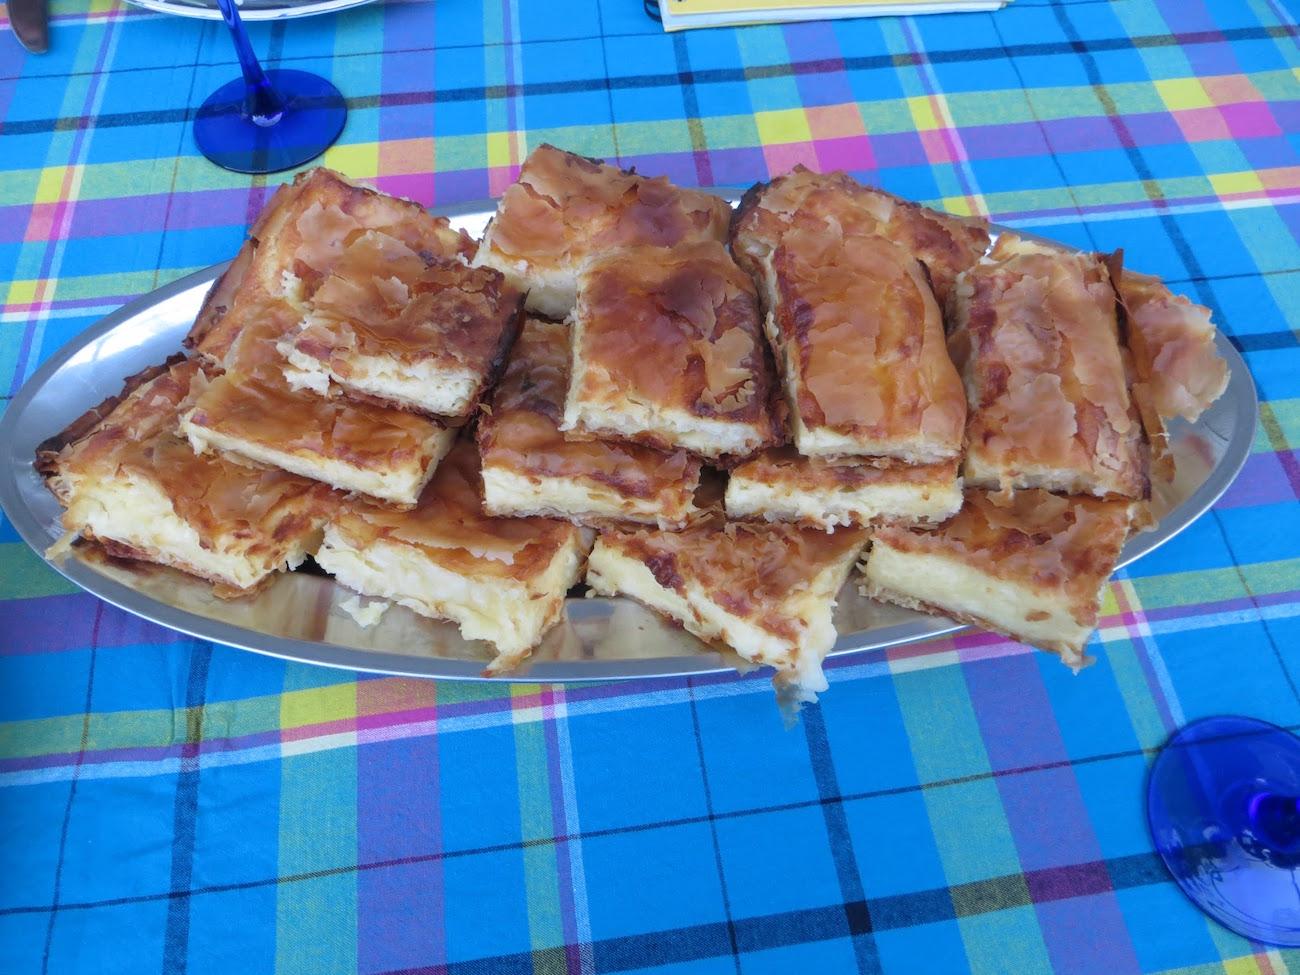 Bosnian sirnica cheese pie